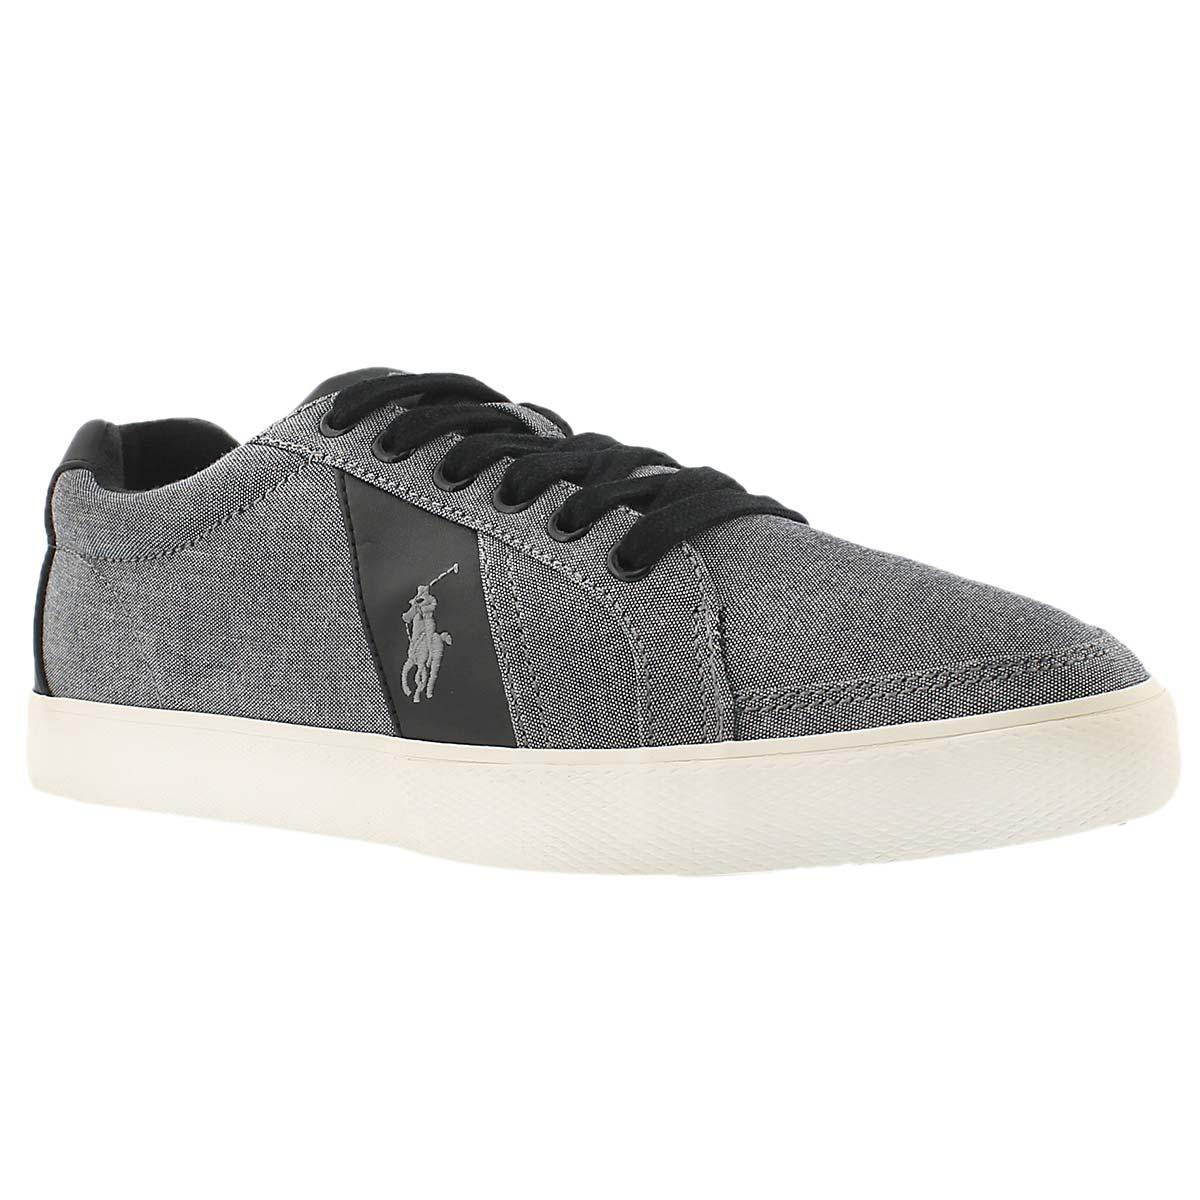 Men's HUGH grey chambray fashion sneakers